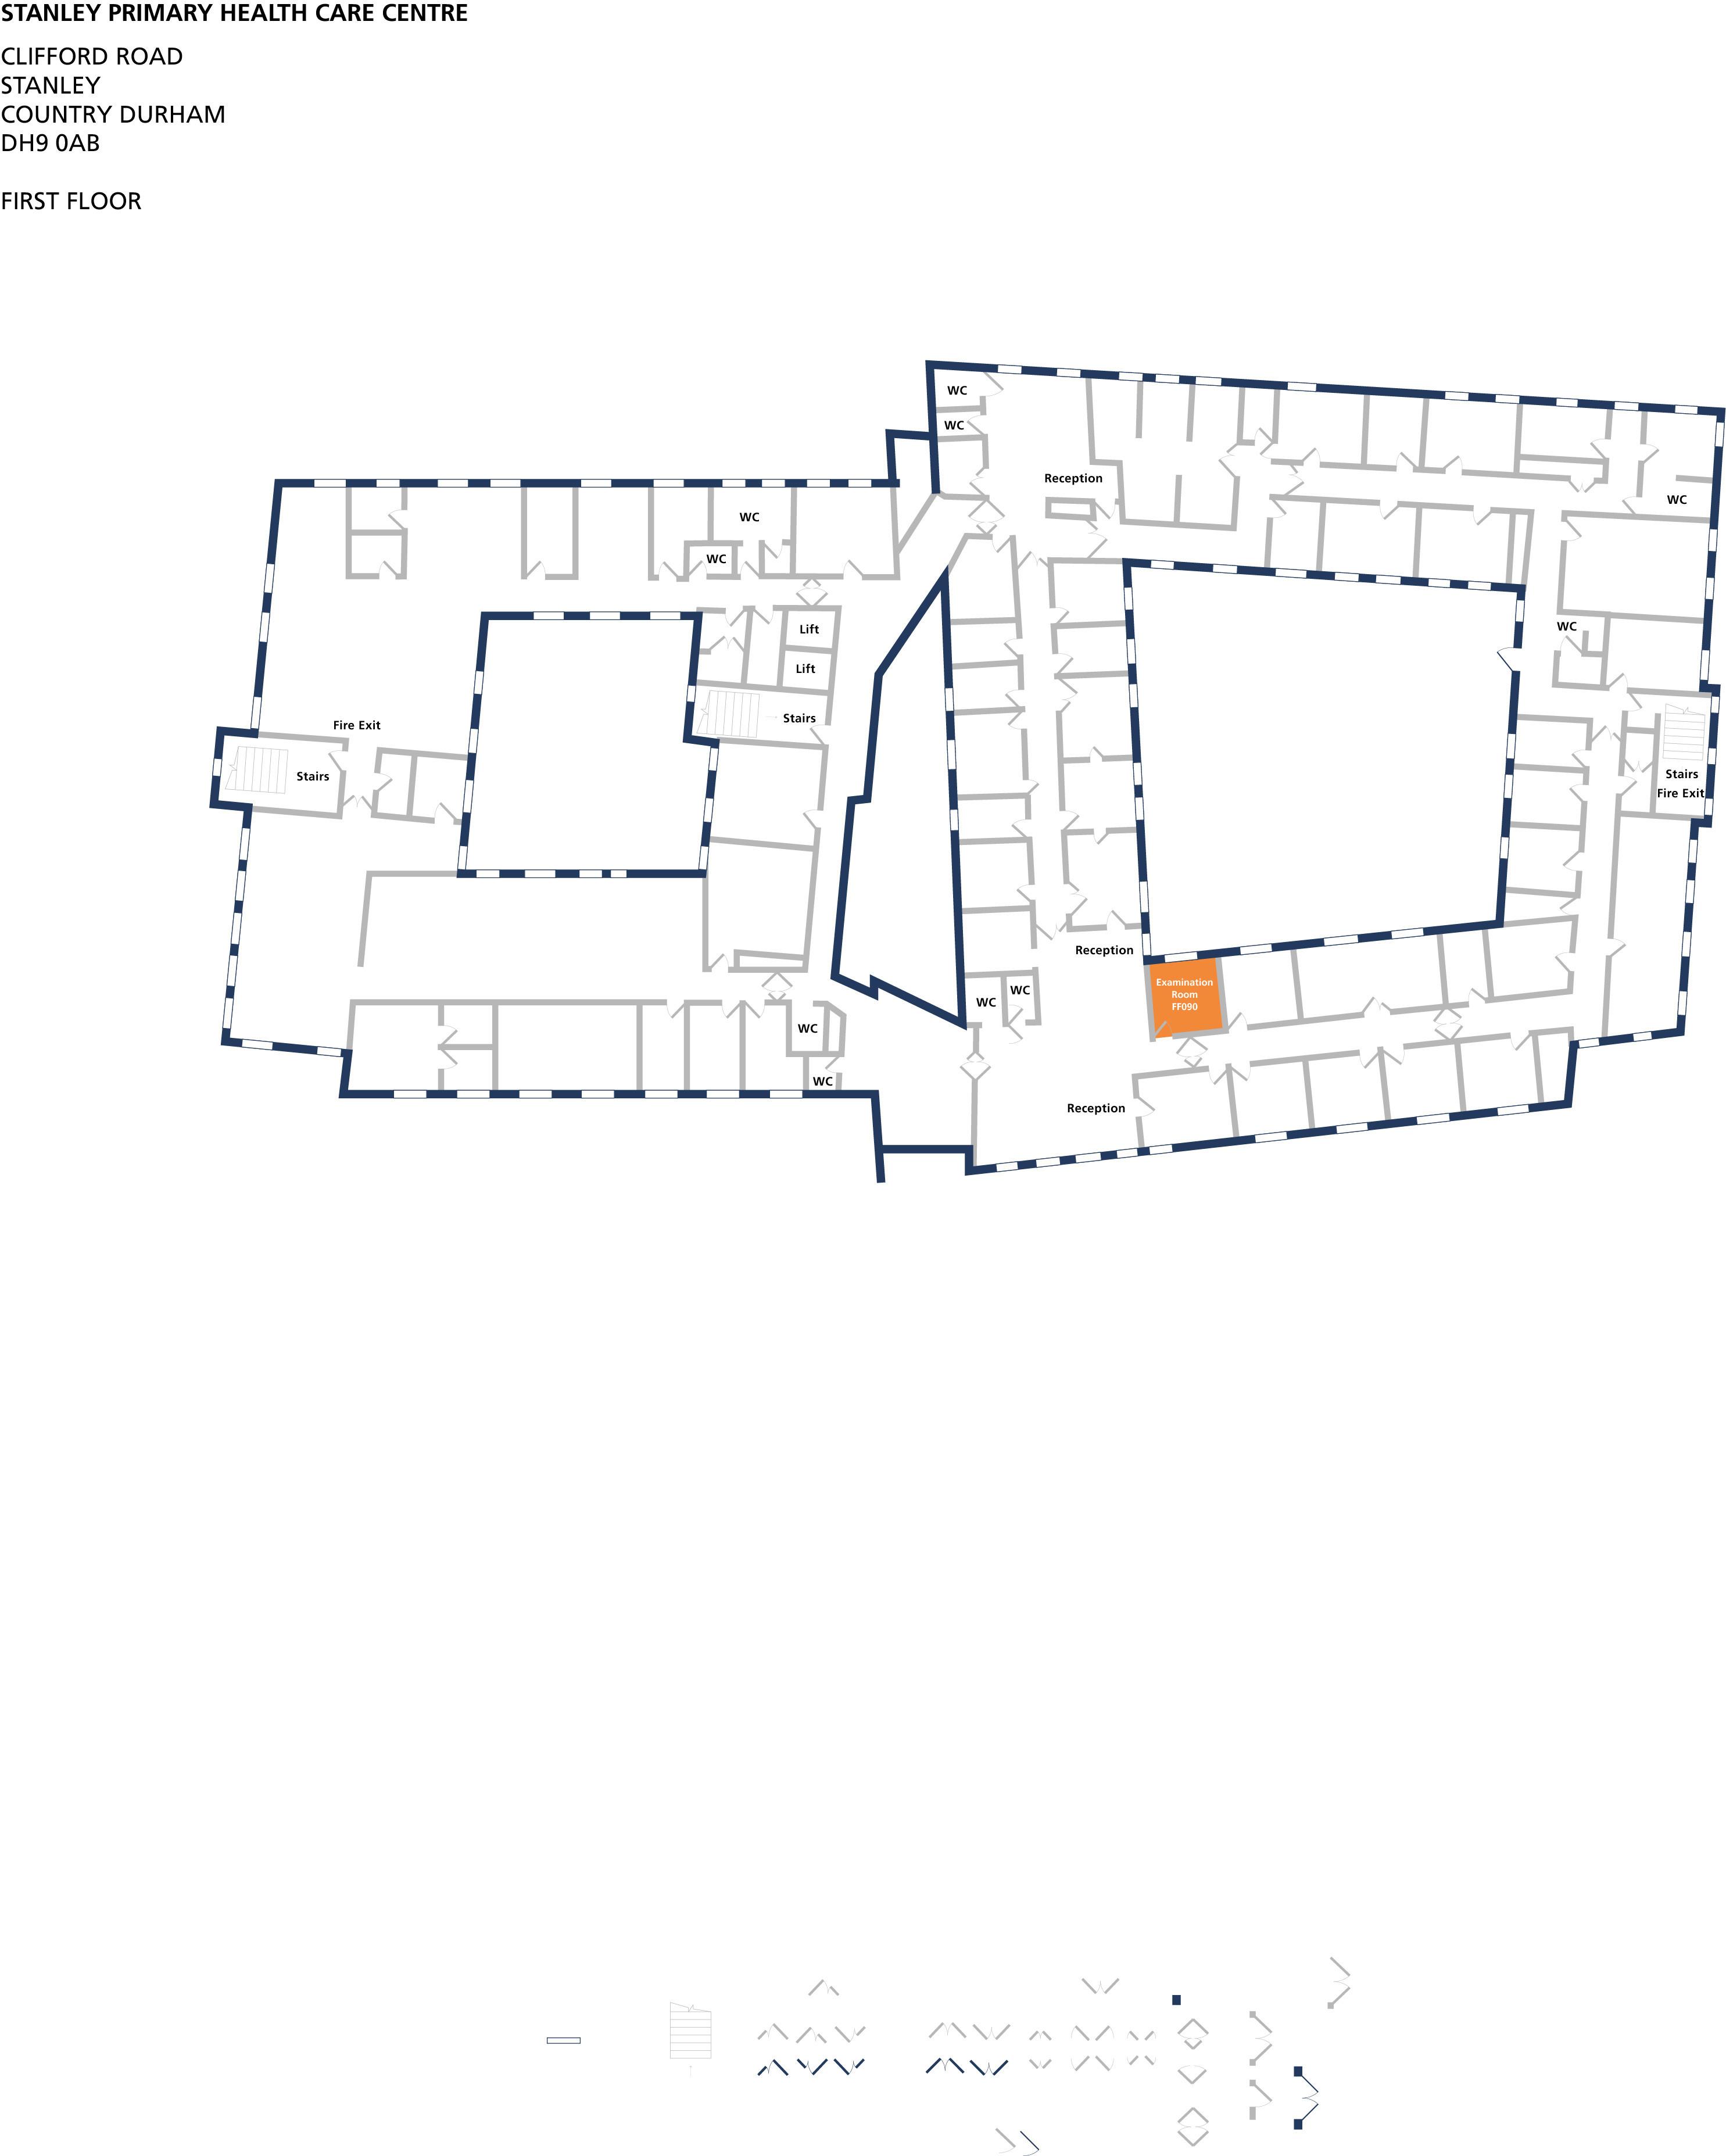 Examination room 90